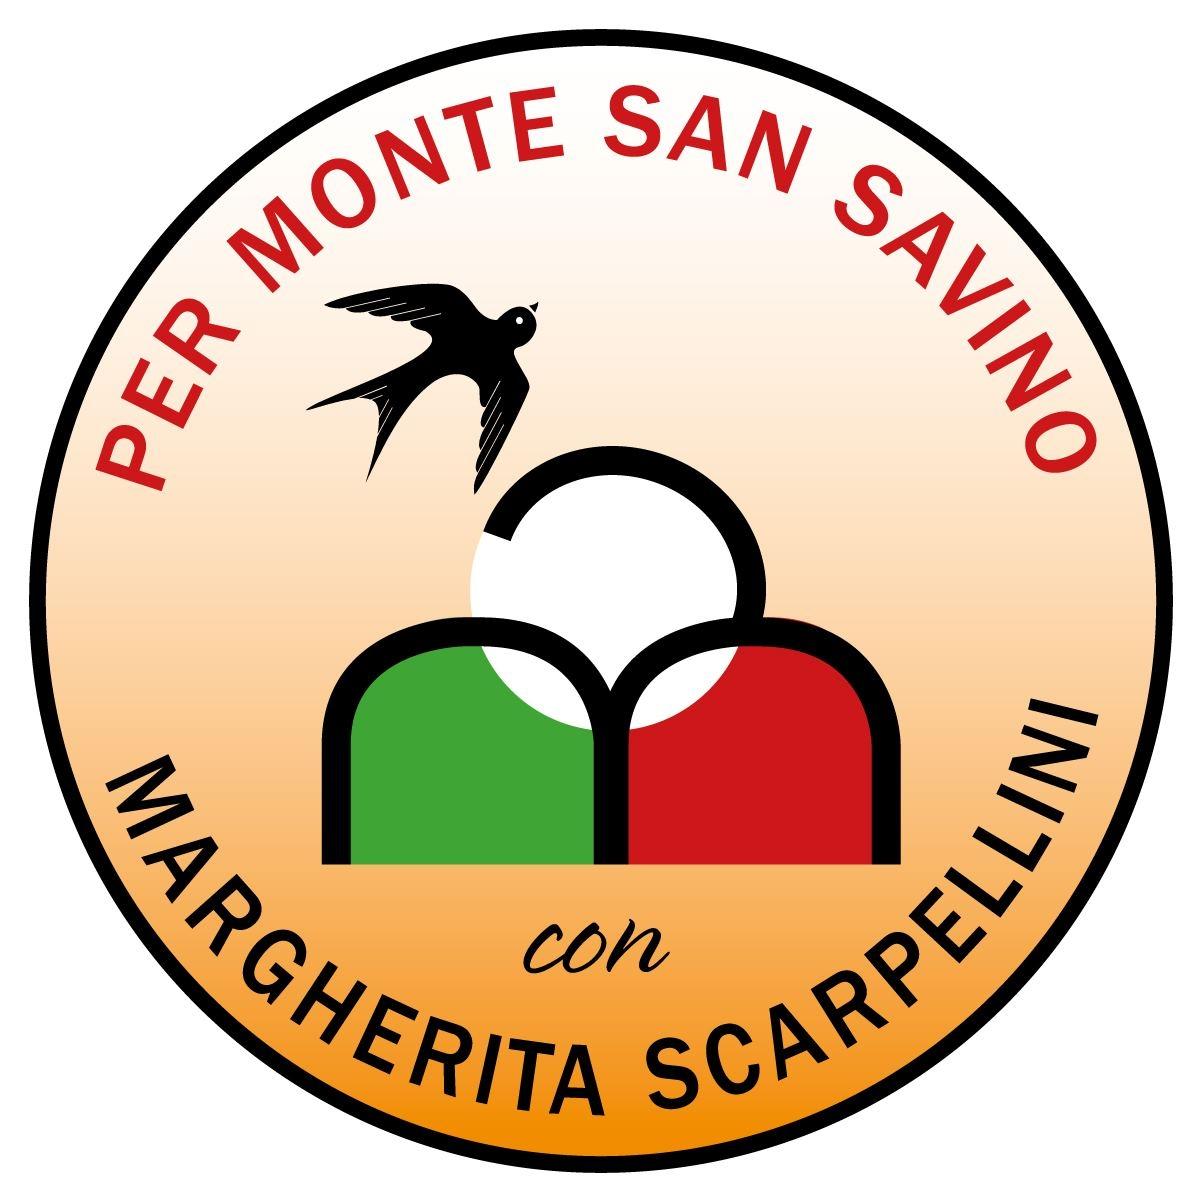 Per Monte san Savino - Con Margherita Scarpellini: calendario delle assemblee della prossima settimana